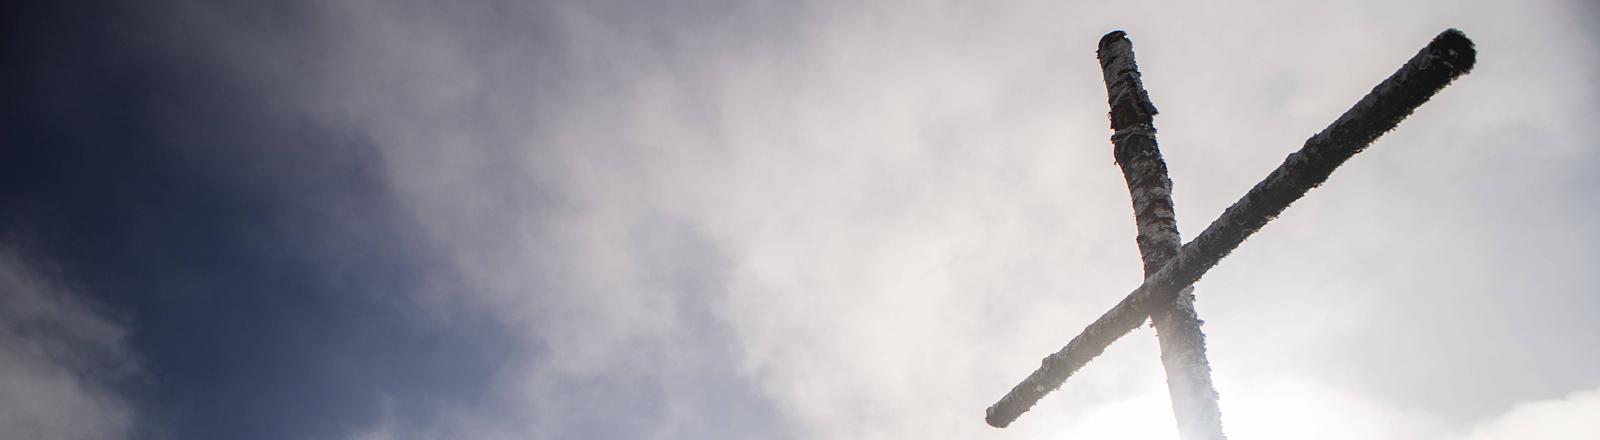 Gipfelkreuz auf dem Kisslegg